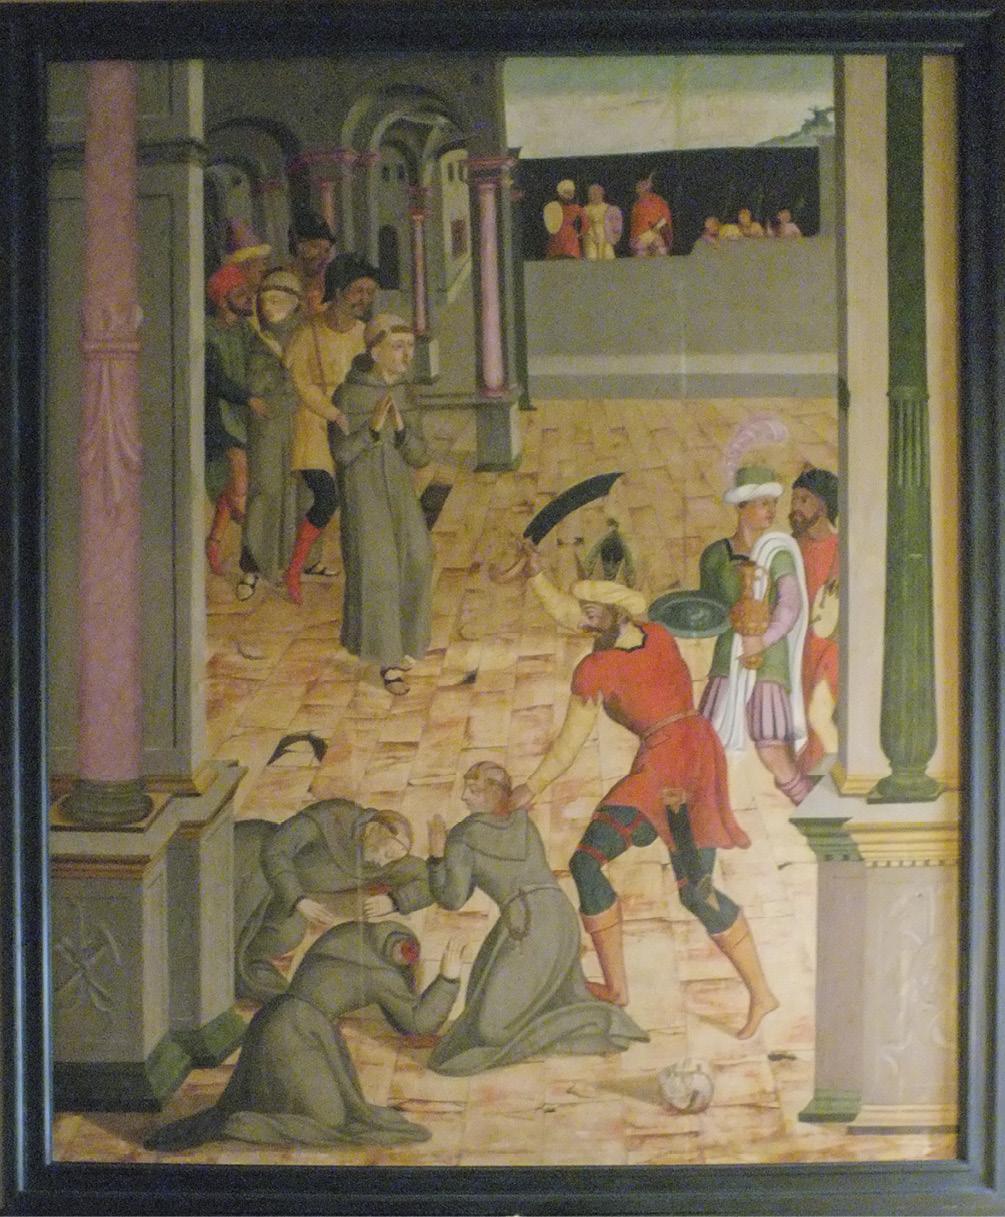 Os cinco mártires de Marrocos, igreja e convento de São Francisco, Guimarães. Foto Frei Severino | MSA.